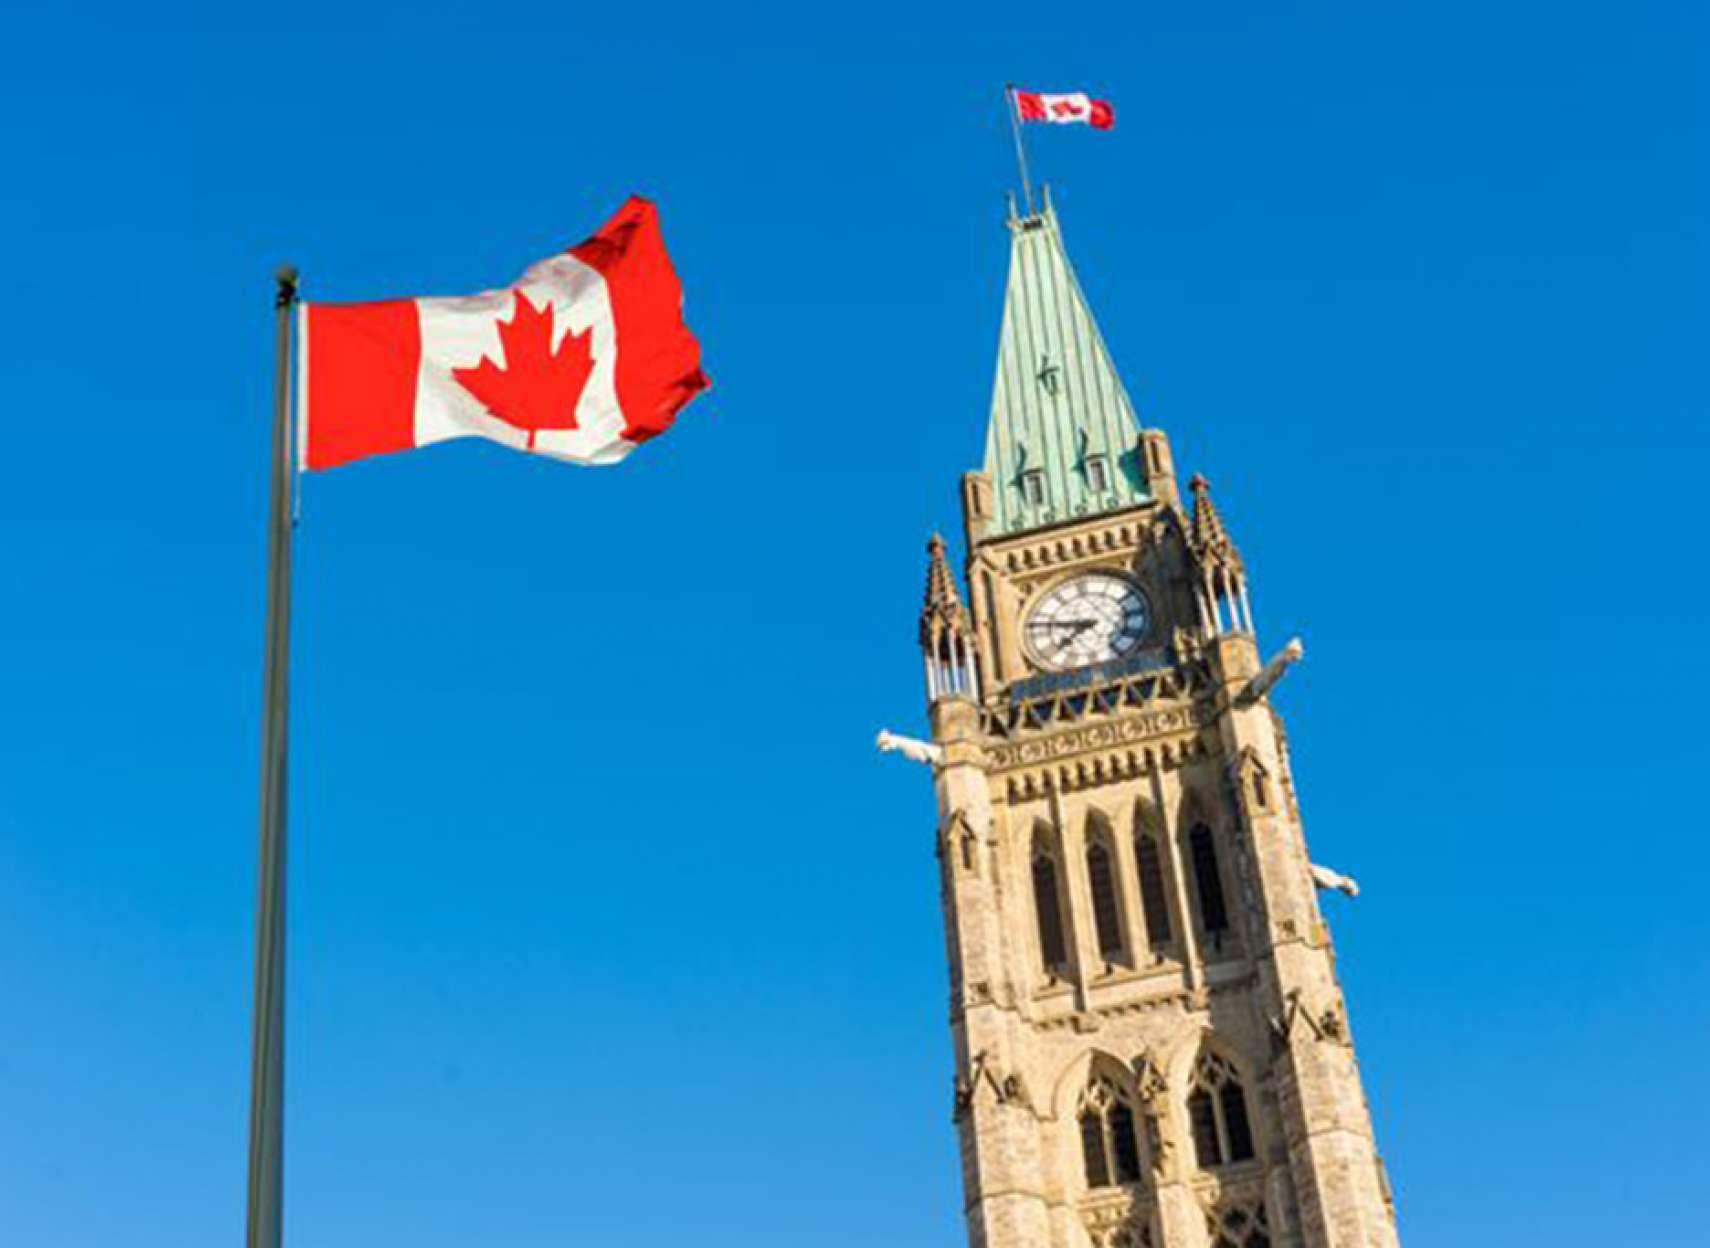 اخبار-کانادا-همه-آنچه-باید-از-مفاهیم-انتخابات-کانادا-بدانید